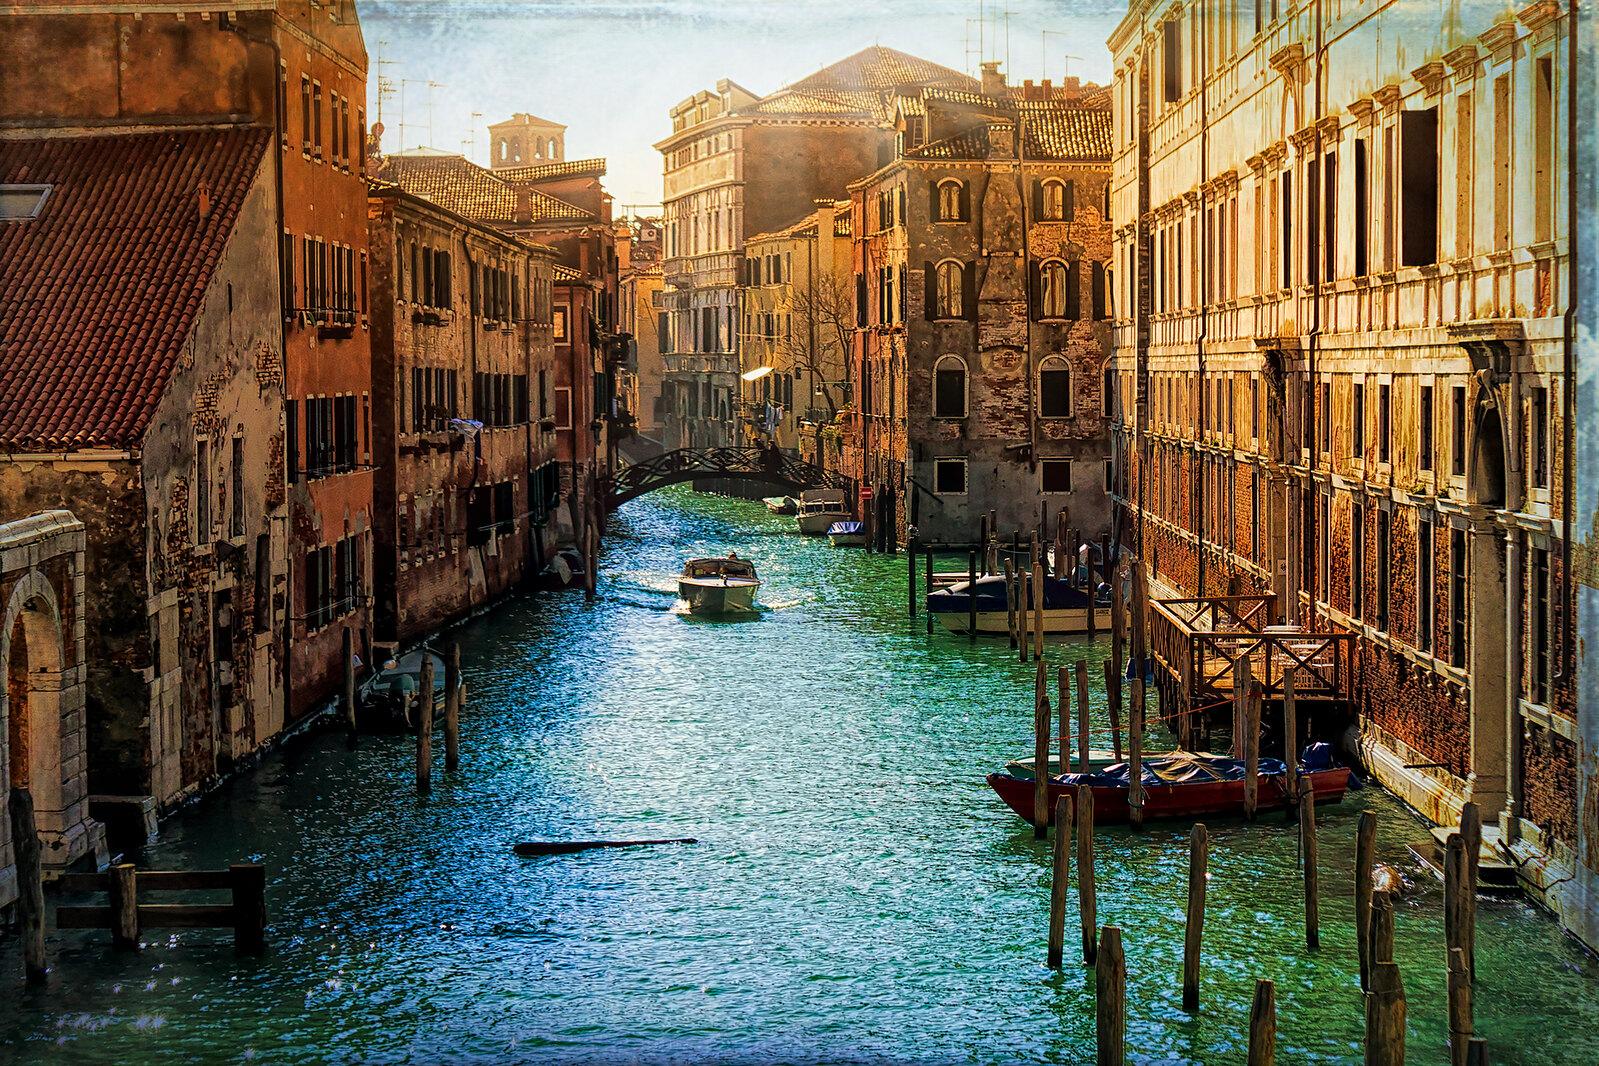 Textured Canal Shot